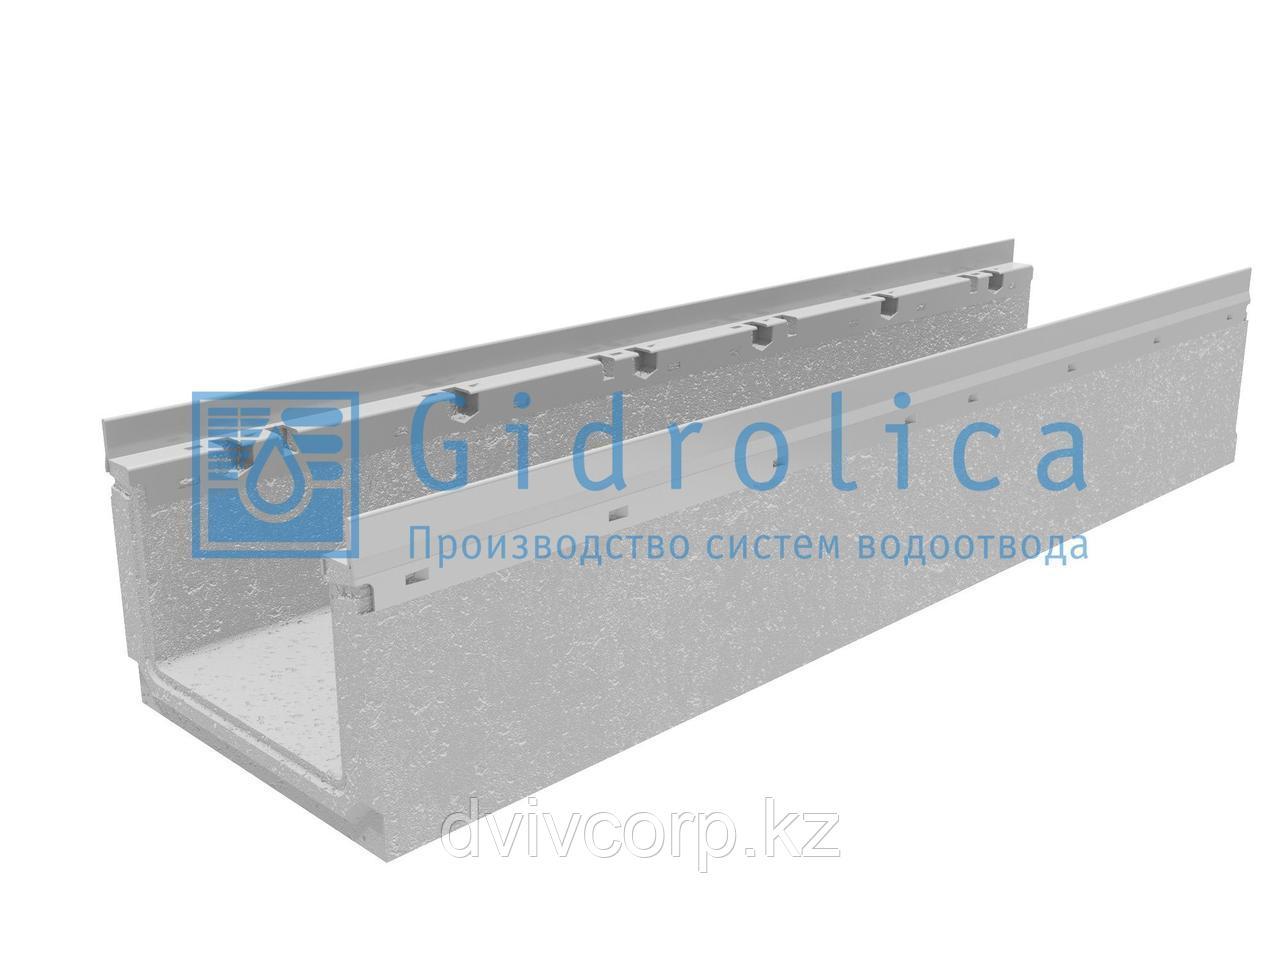 Арт. 12772 ЛВ бетонный коробчатый (СО-200мм), с оцинкованной насадкой, КП 100.26,3 (20).19(15,5) - BGF-Z